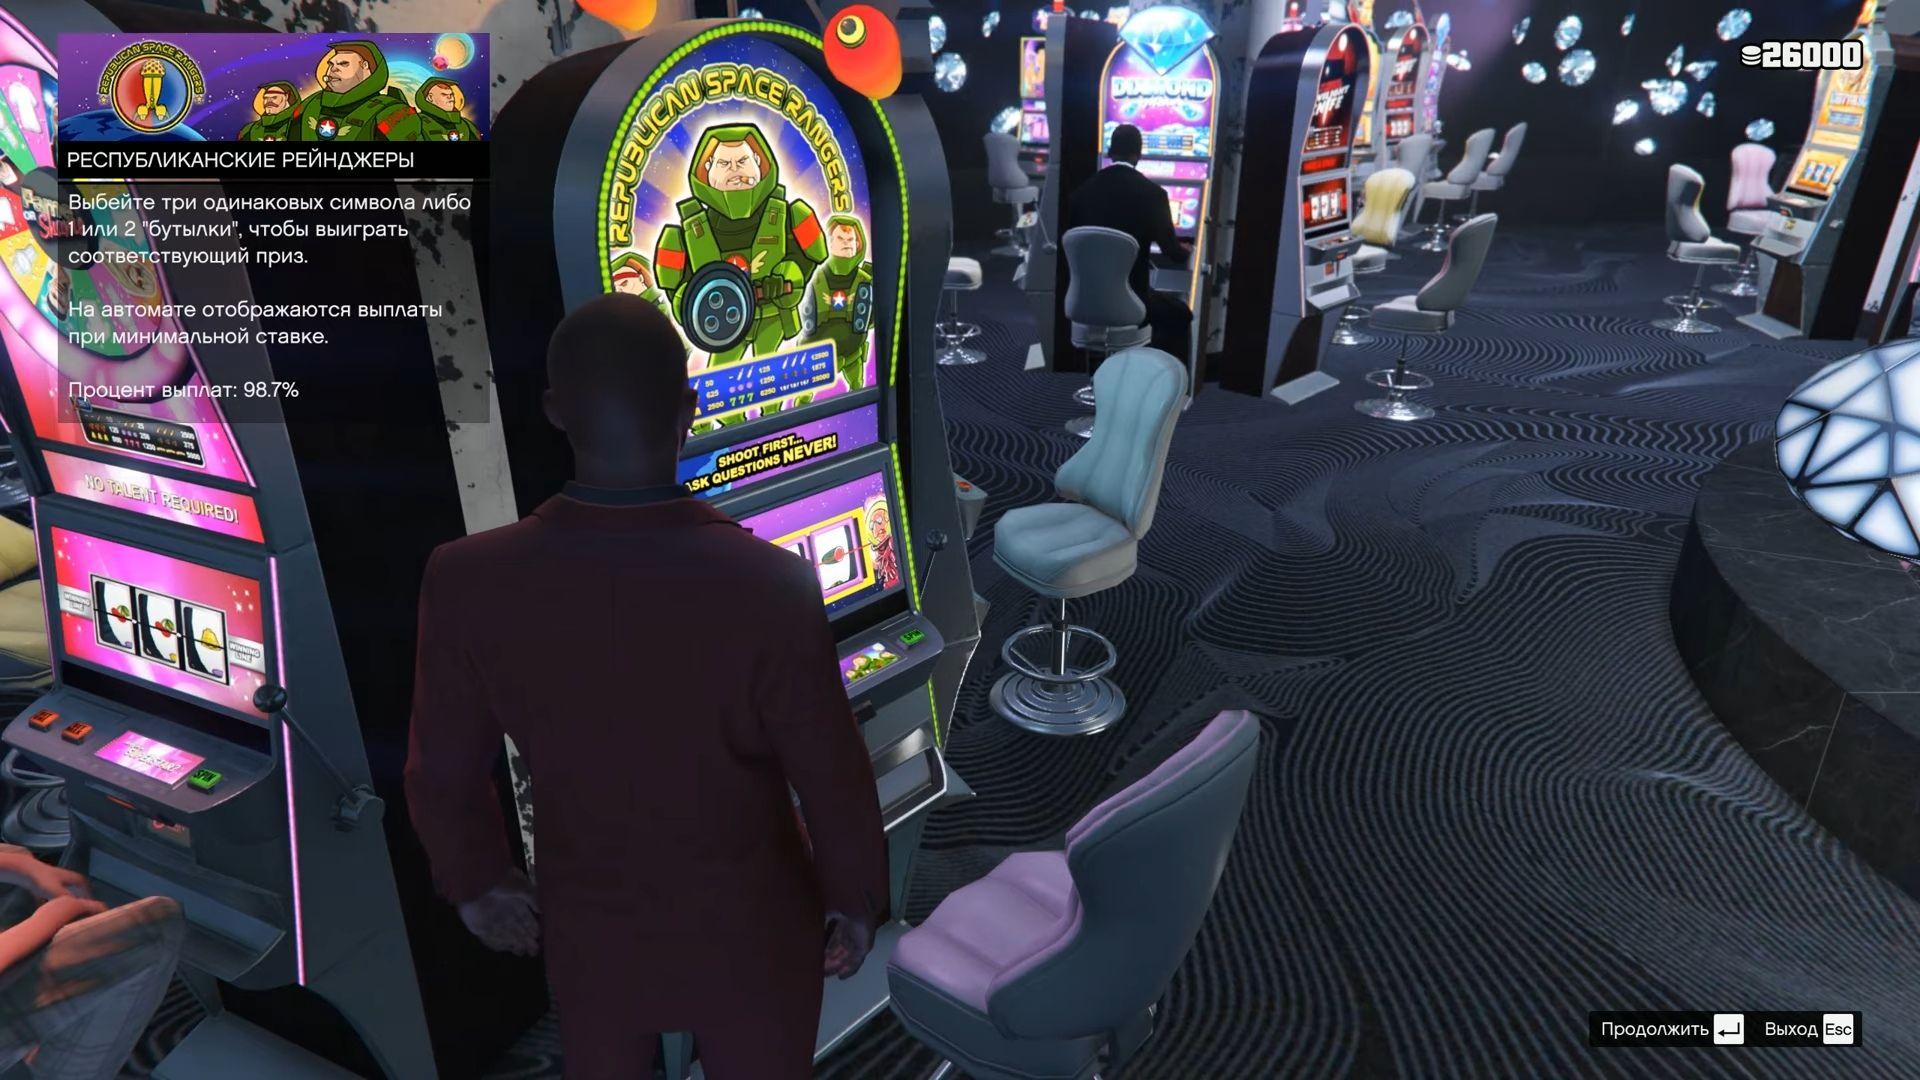 Игры казино без денег игровые автоматы бесплатно без регистрации играть бублик